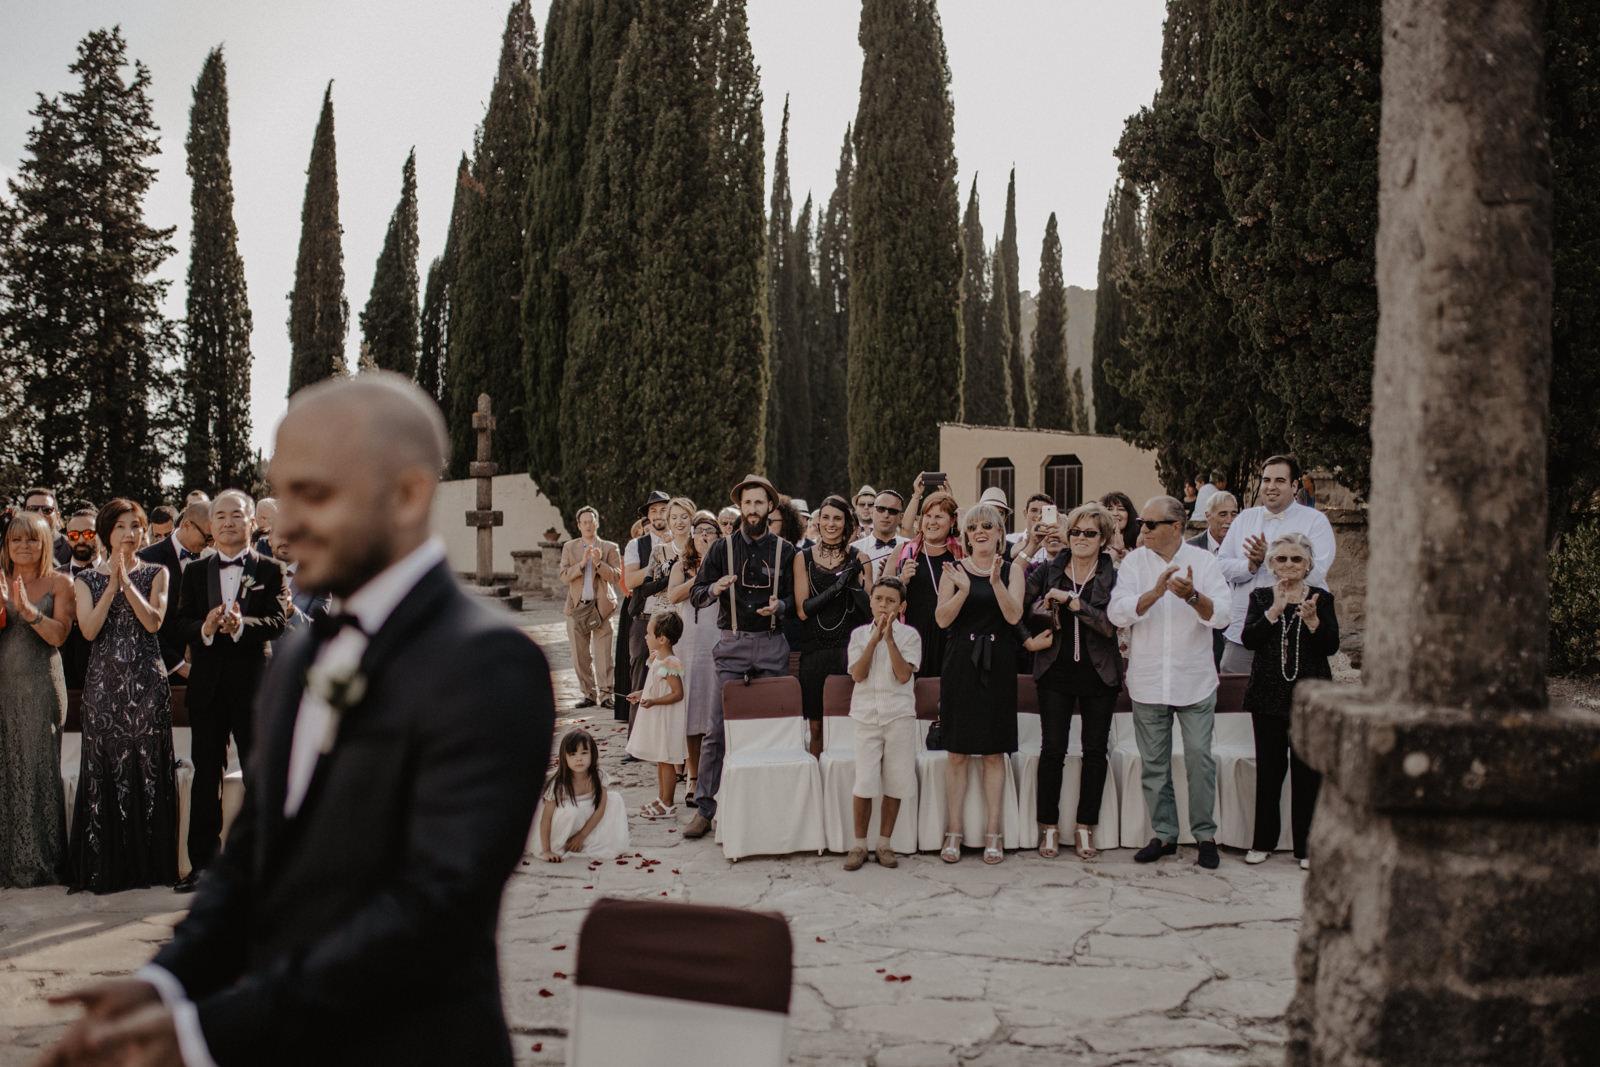 thenortherngirlphotography_photography_thenortherngirl_rebeccascabros_wedding_weddingphotography_weddingphotographer_barcelona_bodaenlabaronia_labaronia_japanesewedding_destinationwedding_shokoalbert-456.jpg